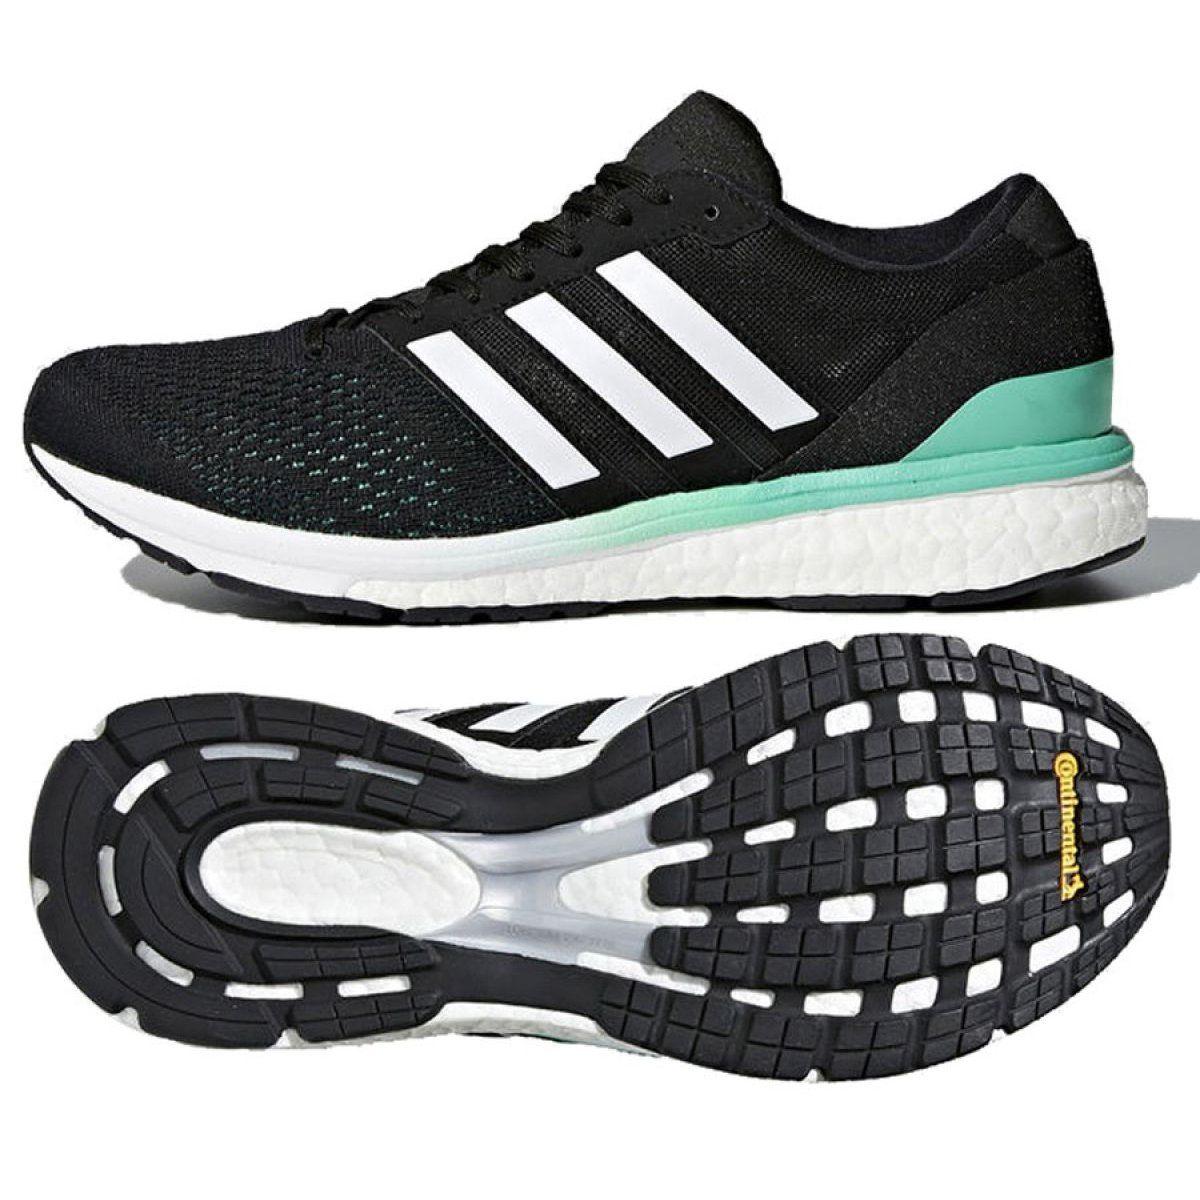 Buty Biegowe Adidas Boston 6 W Bb6421 Czarne Zielone Adidas Running Shoes Black Running Shoes Running Shoes